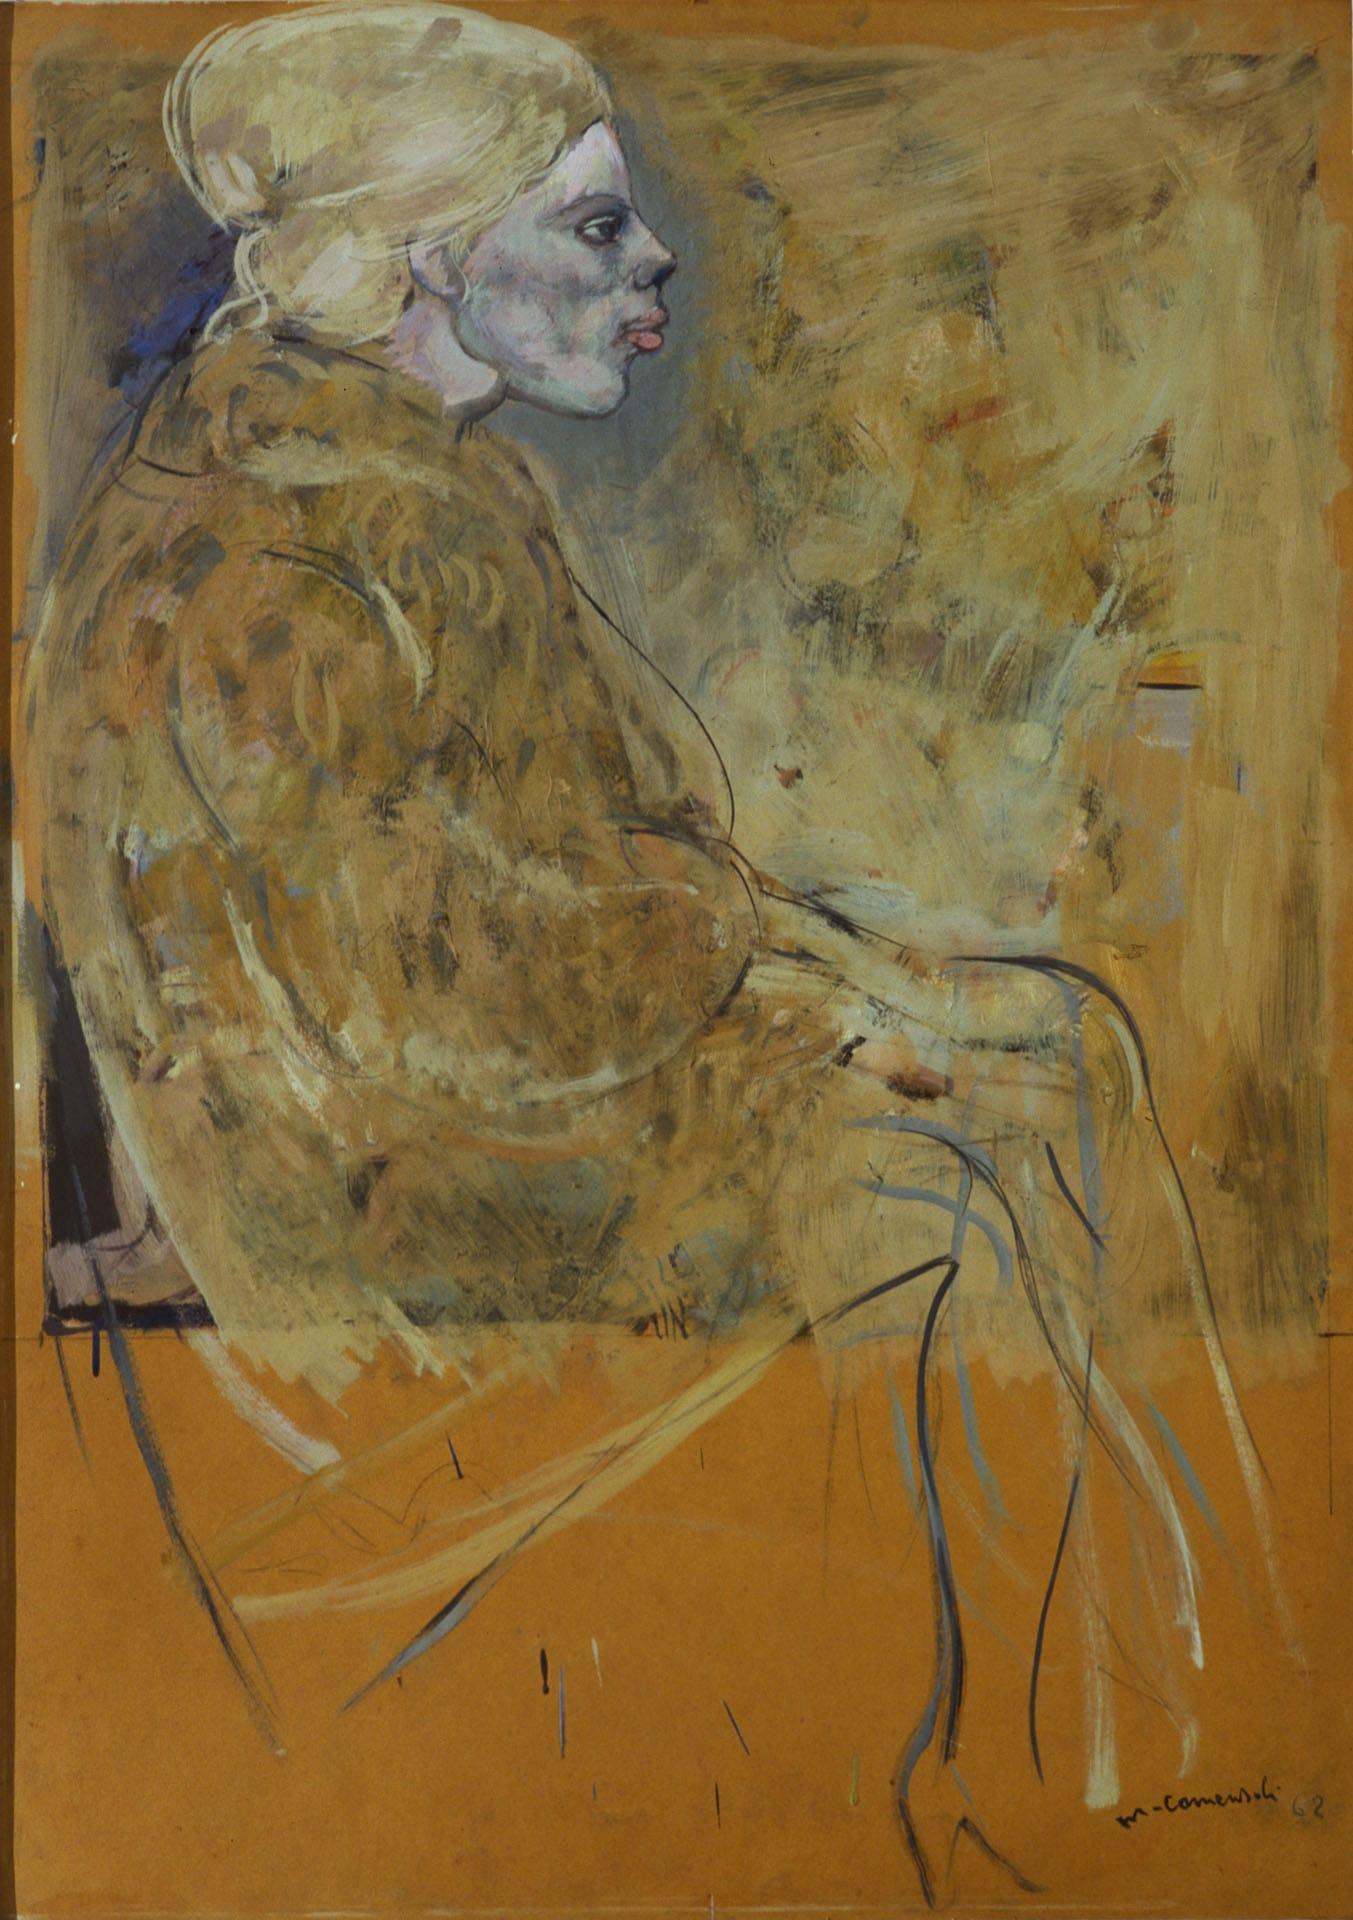 Comensoli-1962-048